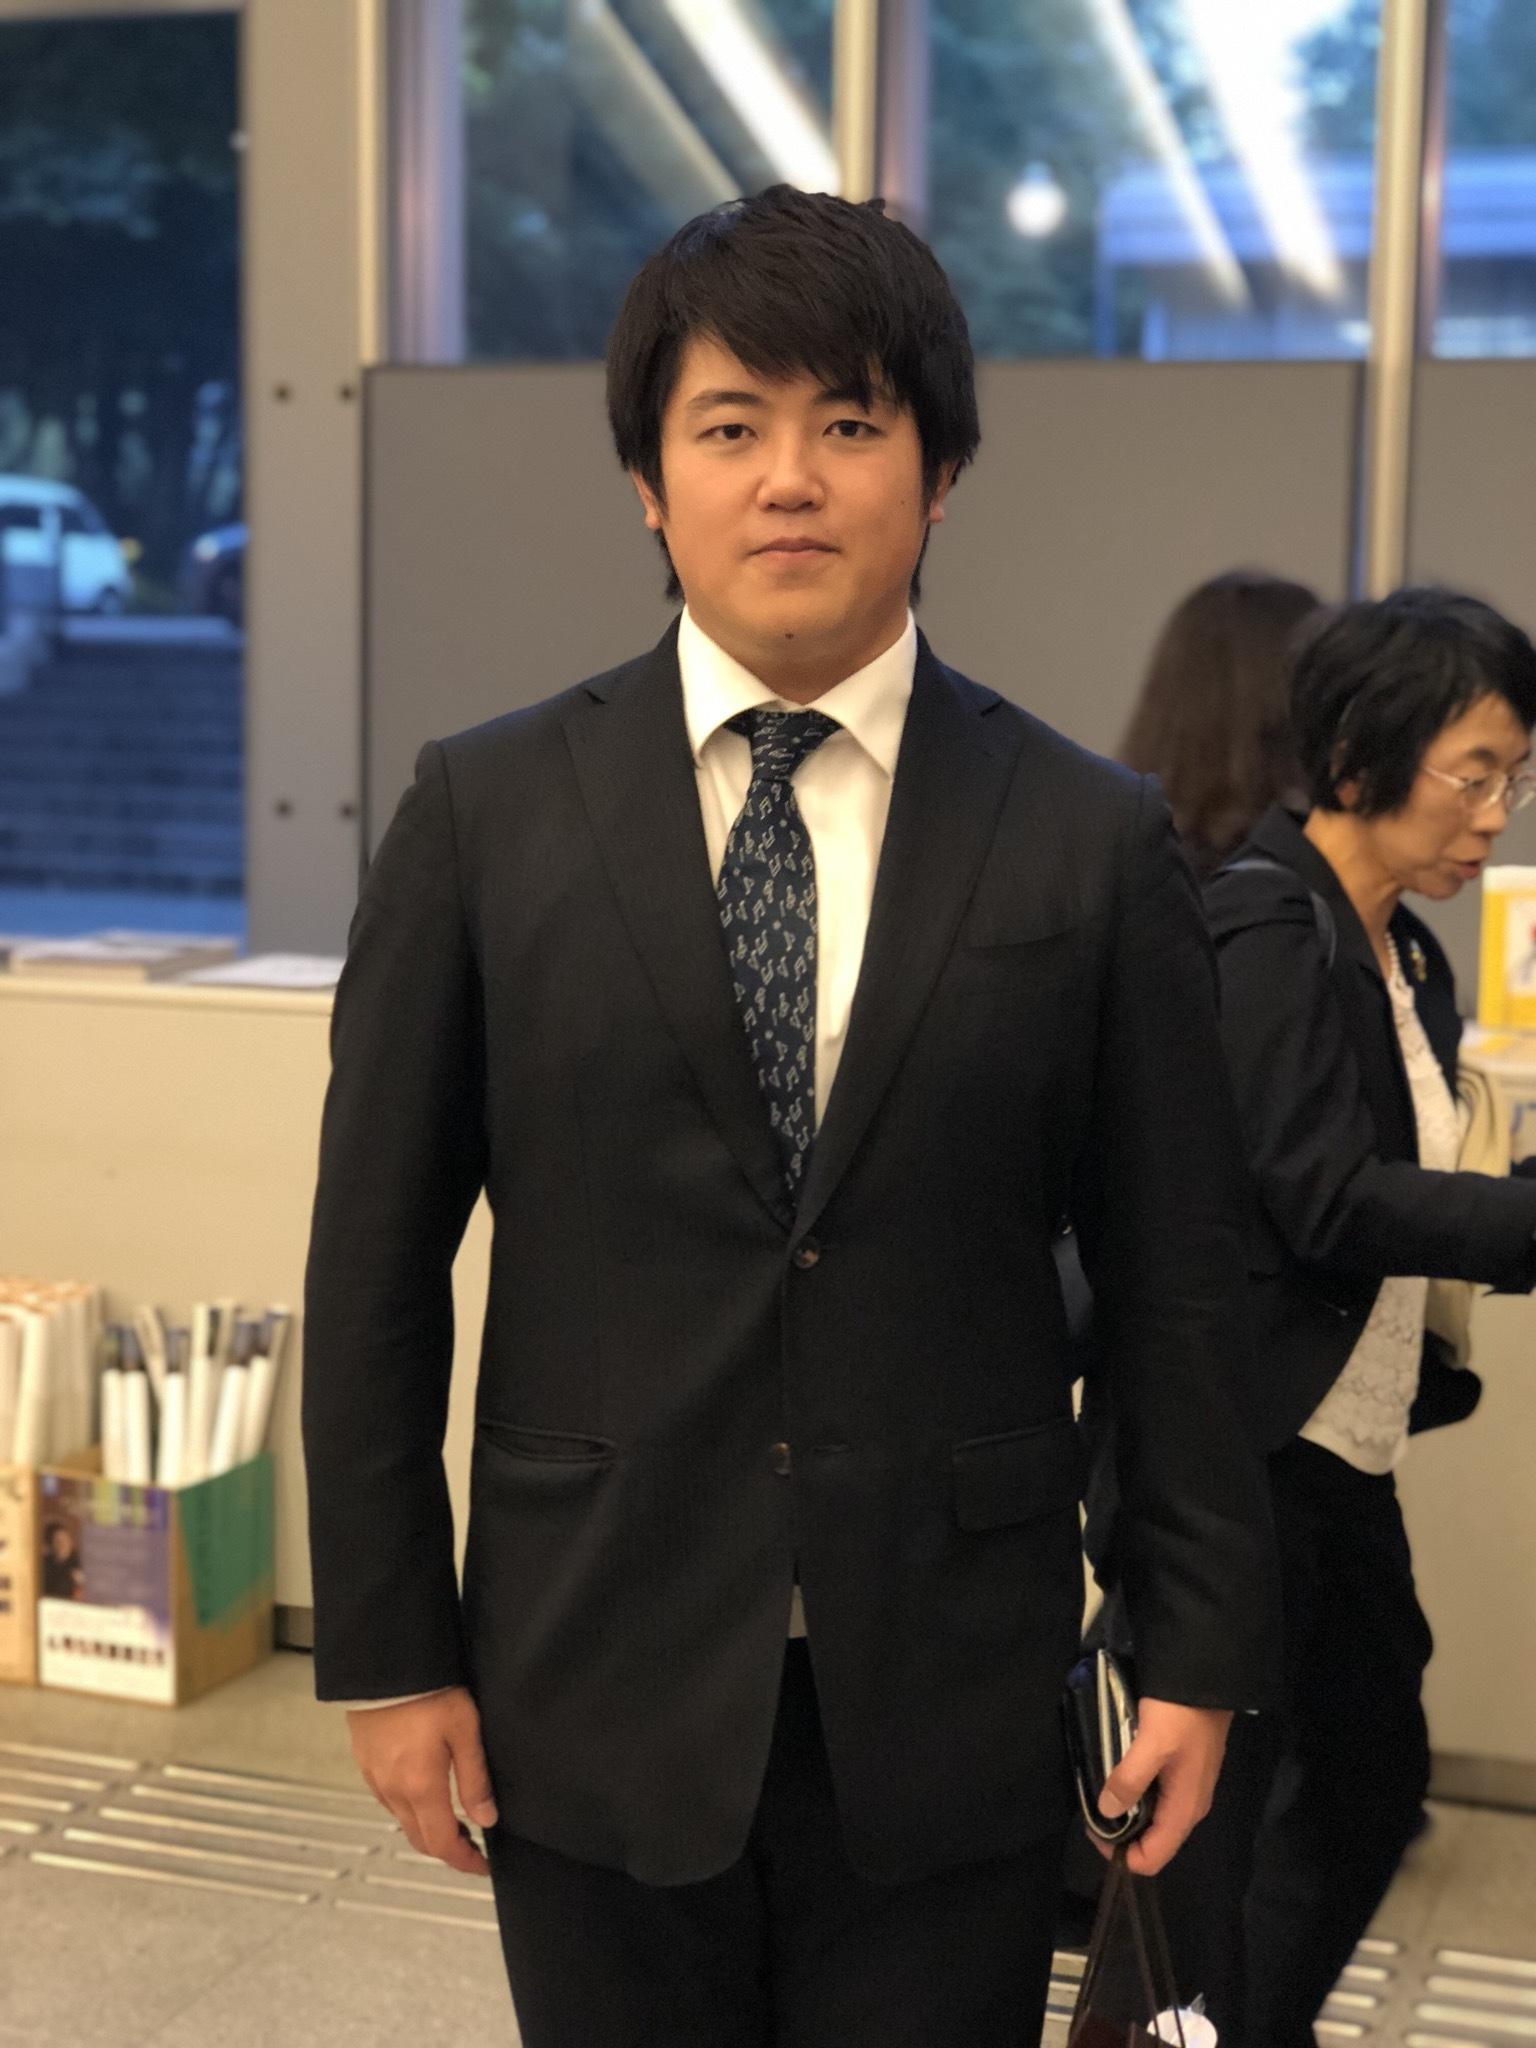 声楽科4年生による学内演奏会へ行ってきました(10月17日)@東京芸術大学奏楽堂10/15〜18_a0157409_08480241.jpeg